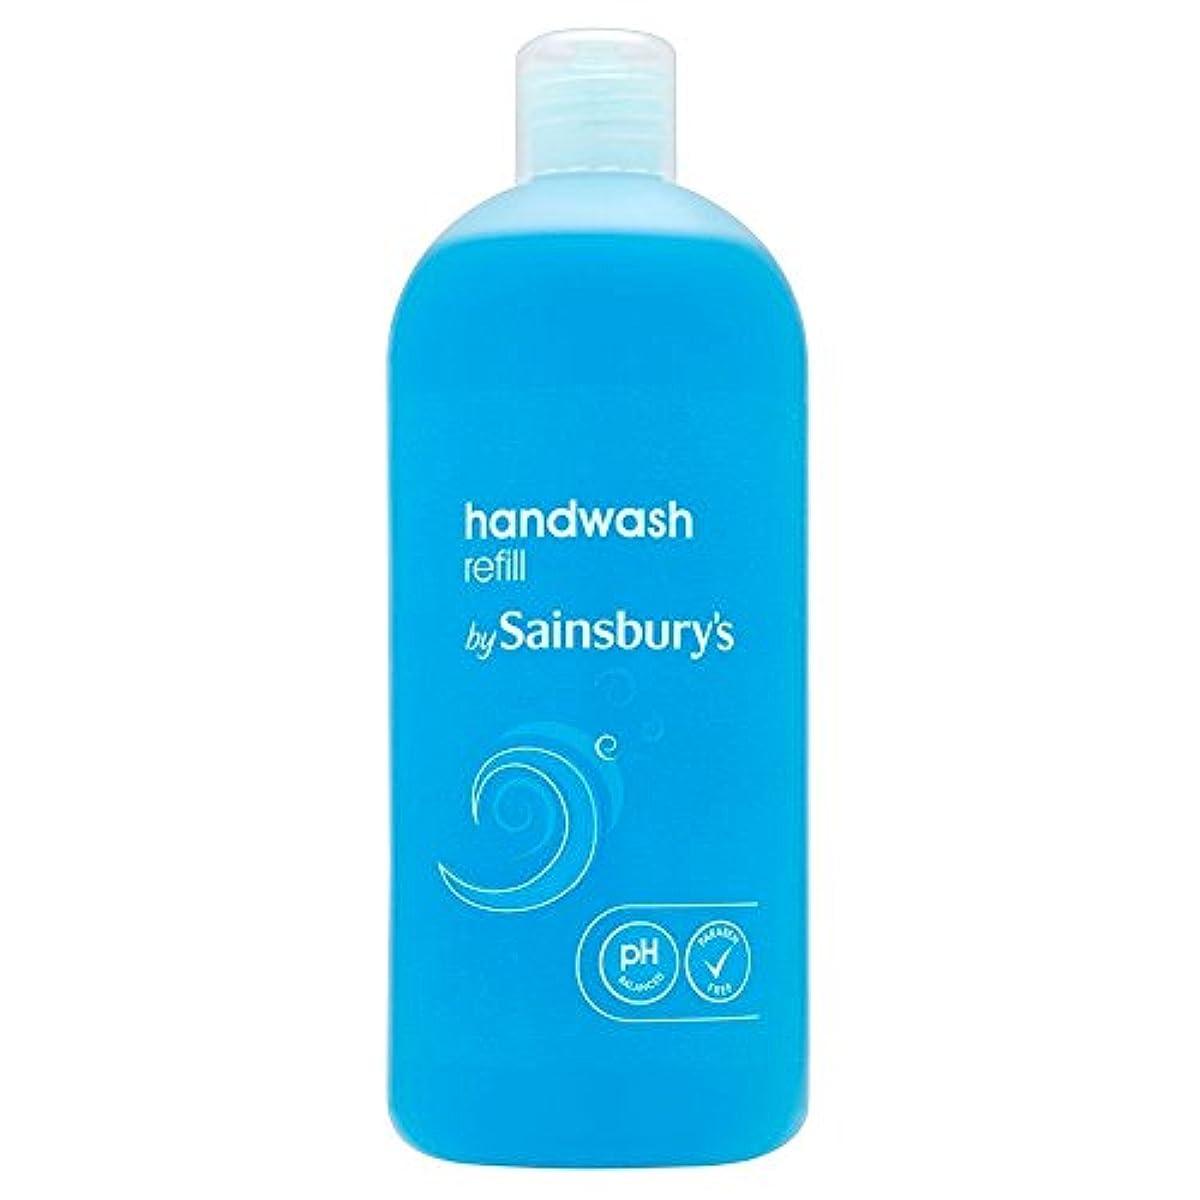 谷悩む和らげるSainsbury's Handwash, Blue Refill 500ml (Pack of 4) - (Sainsbury's) 手洗い、青のリフィル500ミリリットル (x4) [並行輸入品]